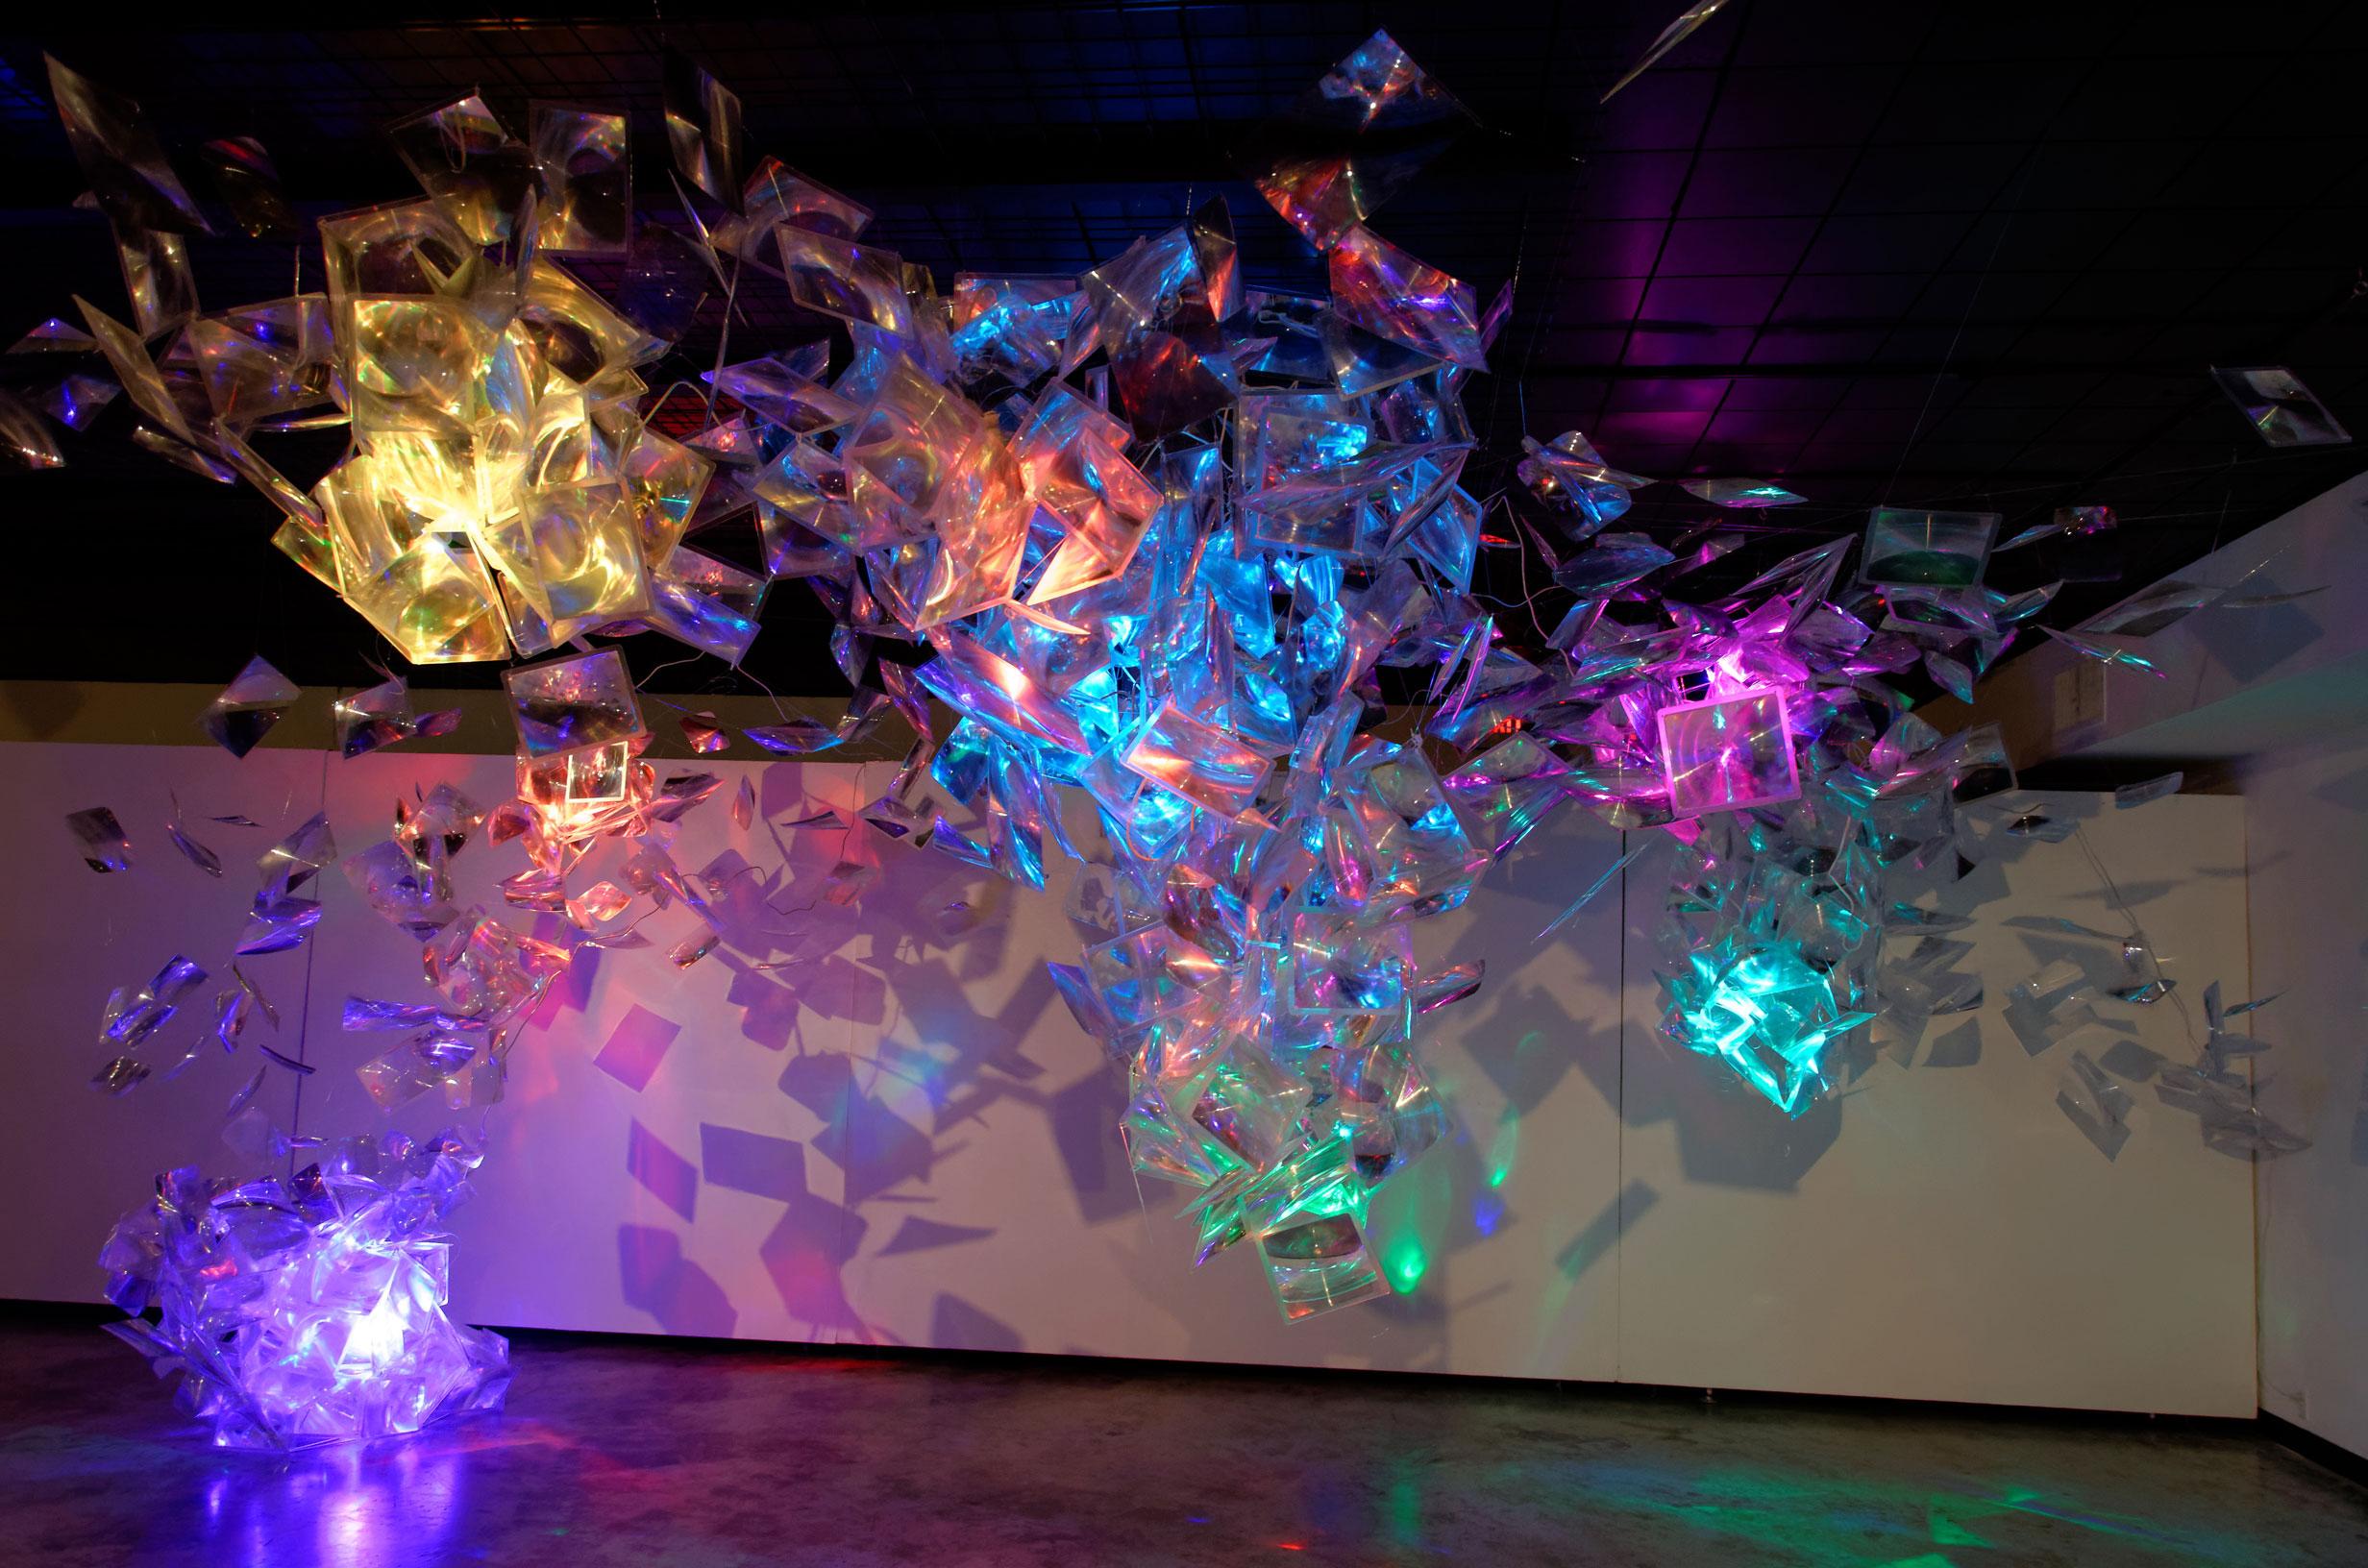 Adela Andea, Lux Lumens and Candelas LED Licht, Plexiglas, Fresnel Linsen, Ausstellungsansicht, Women and Their Work, Austin, TX, USA, 2014 © Adela Andea